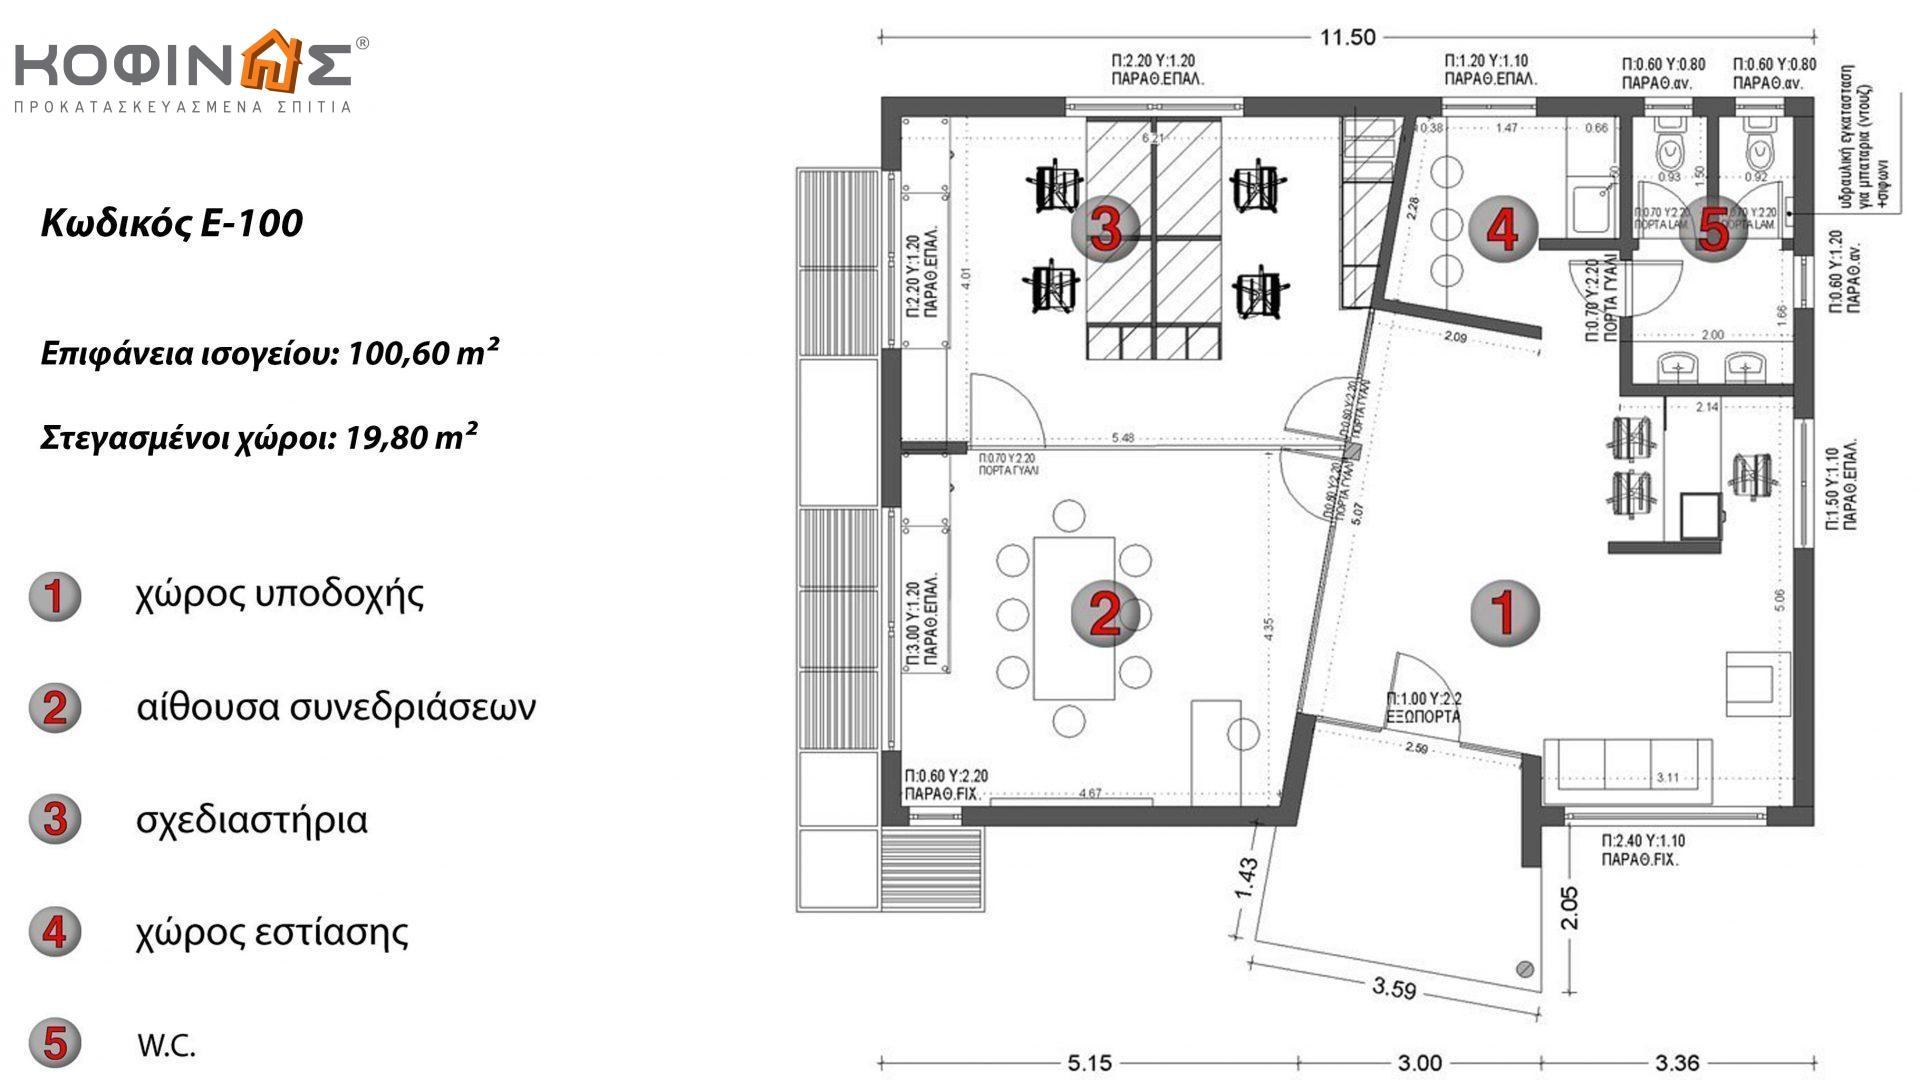 Κτήριο Γραφείων E-100, συνολικής επιφάνειας 100,60 τ.μ. ,συνολική επιφάνεια στεγασμένων χώρων 19,80 τ.μ.